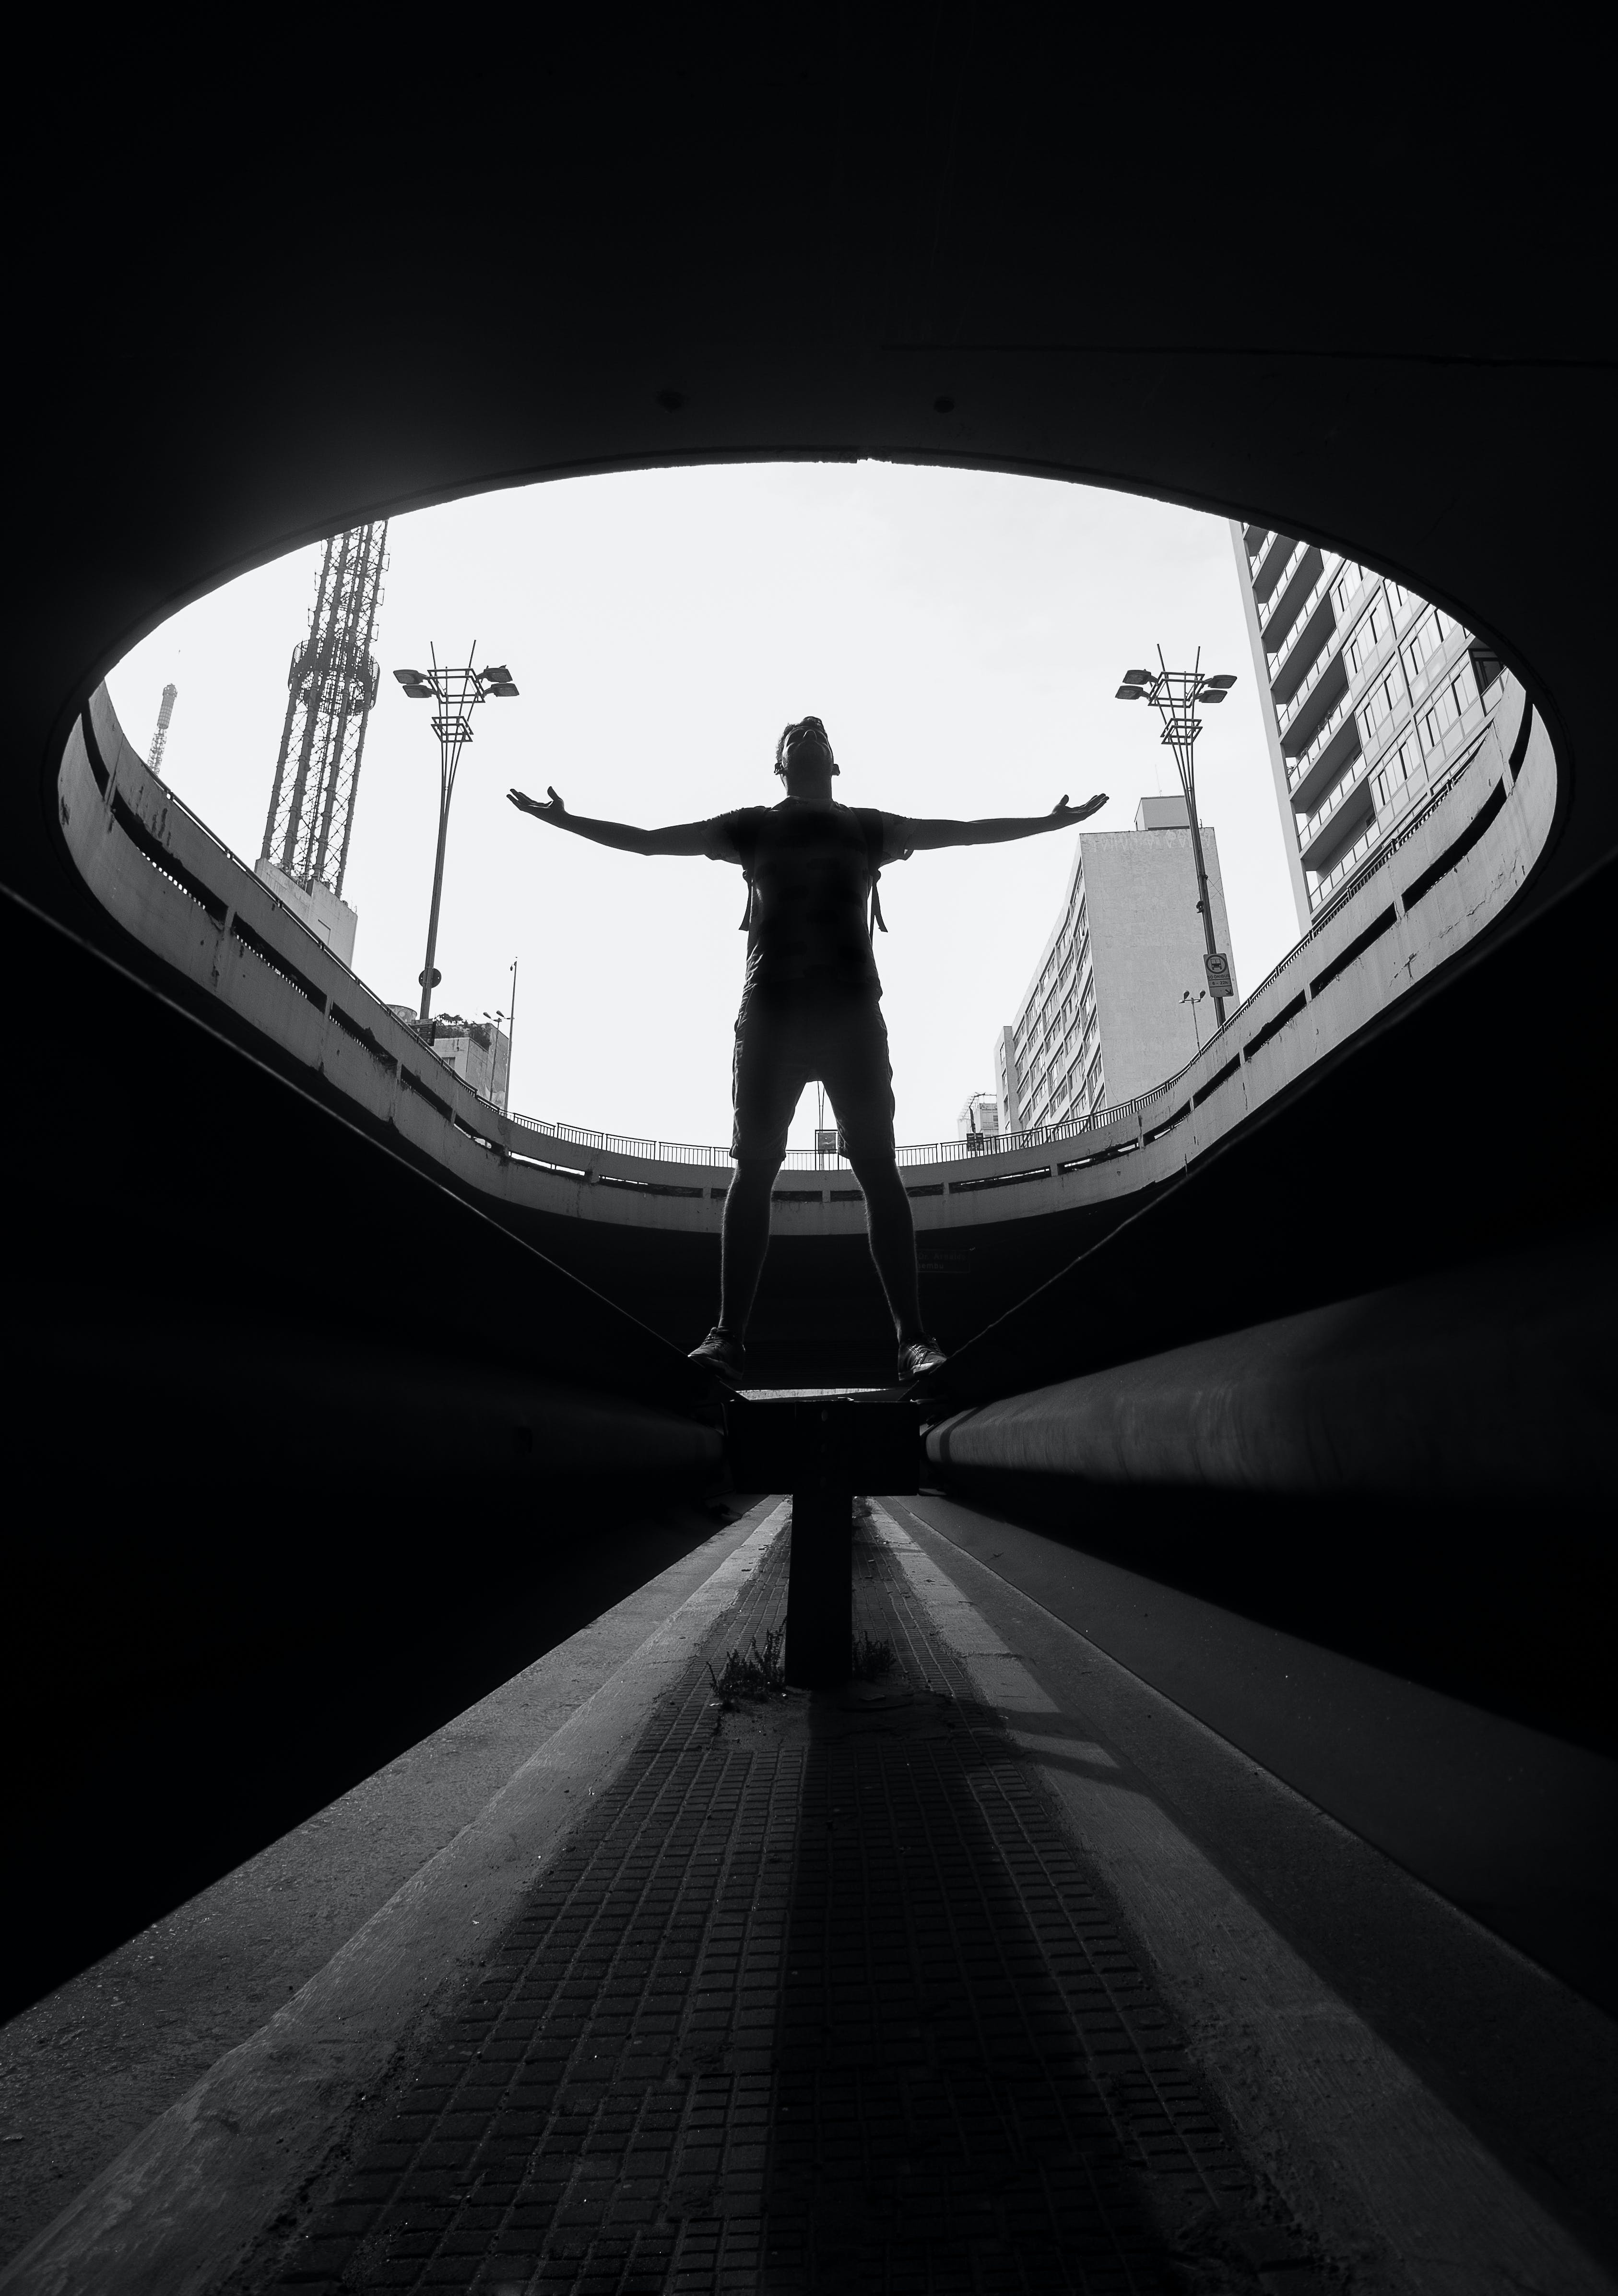 Δωρεάν στοκ φωτογραφιών με άνδρας, άνθρωπος, ανοιχτή αγκαλιά, αρχιτεκτονική